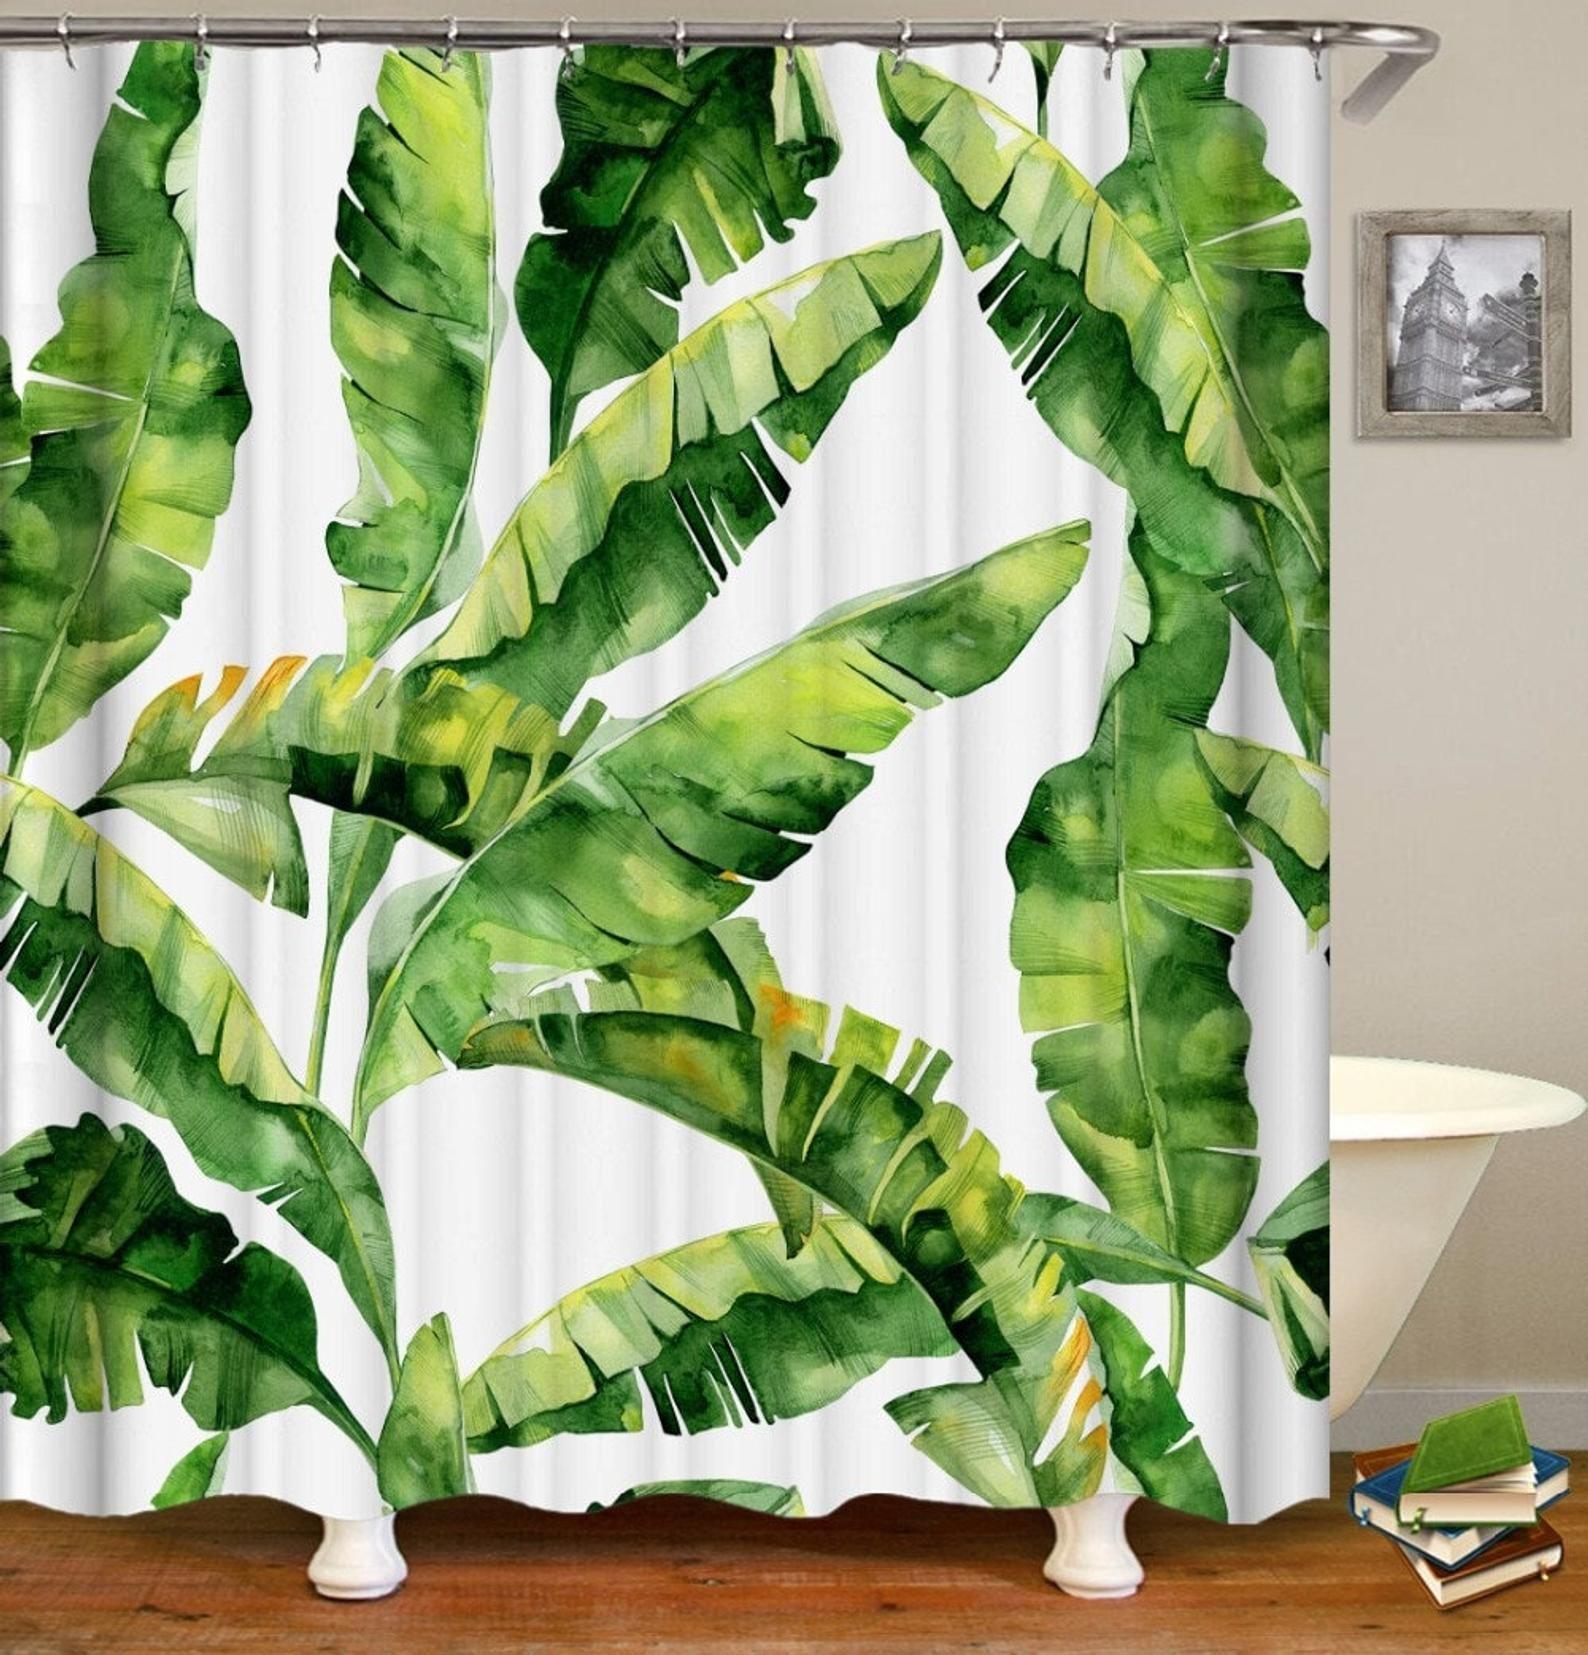 Banana Leaves Shower Curtain Banana Leaf Tropical Shower Etsy Tropical Shower Curtains Banana Leaf Shower Curtain Tropical Showers